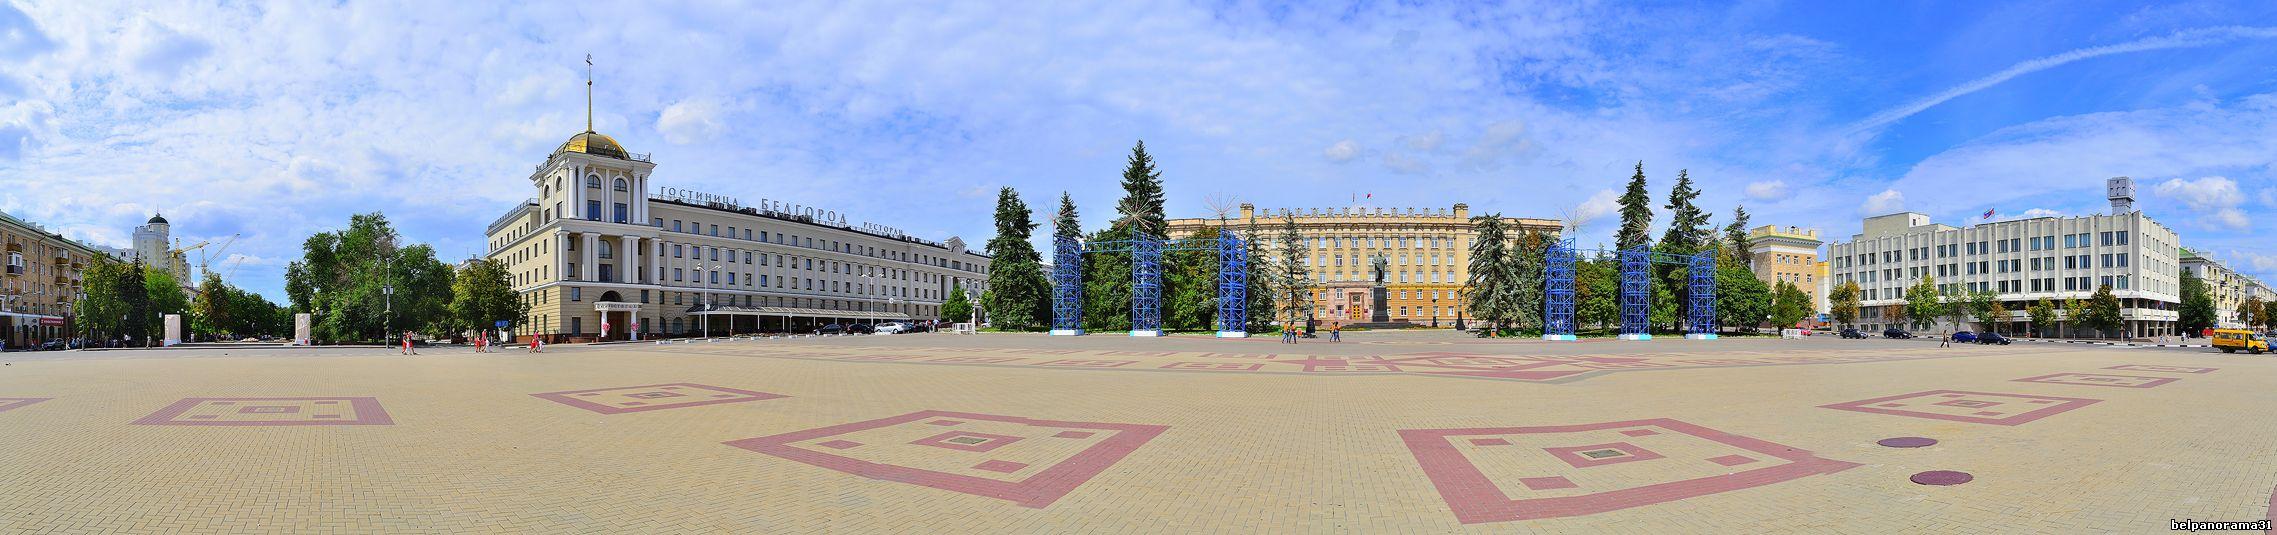 belgorod-prezentatsiya-po-geografii-5-klass-velikie-russkie-puteshestvenniki